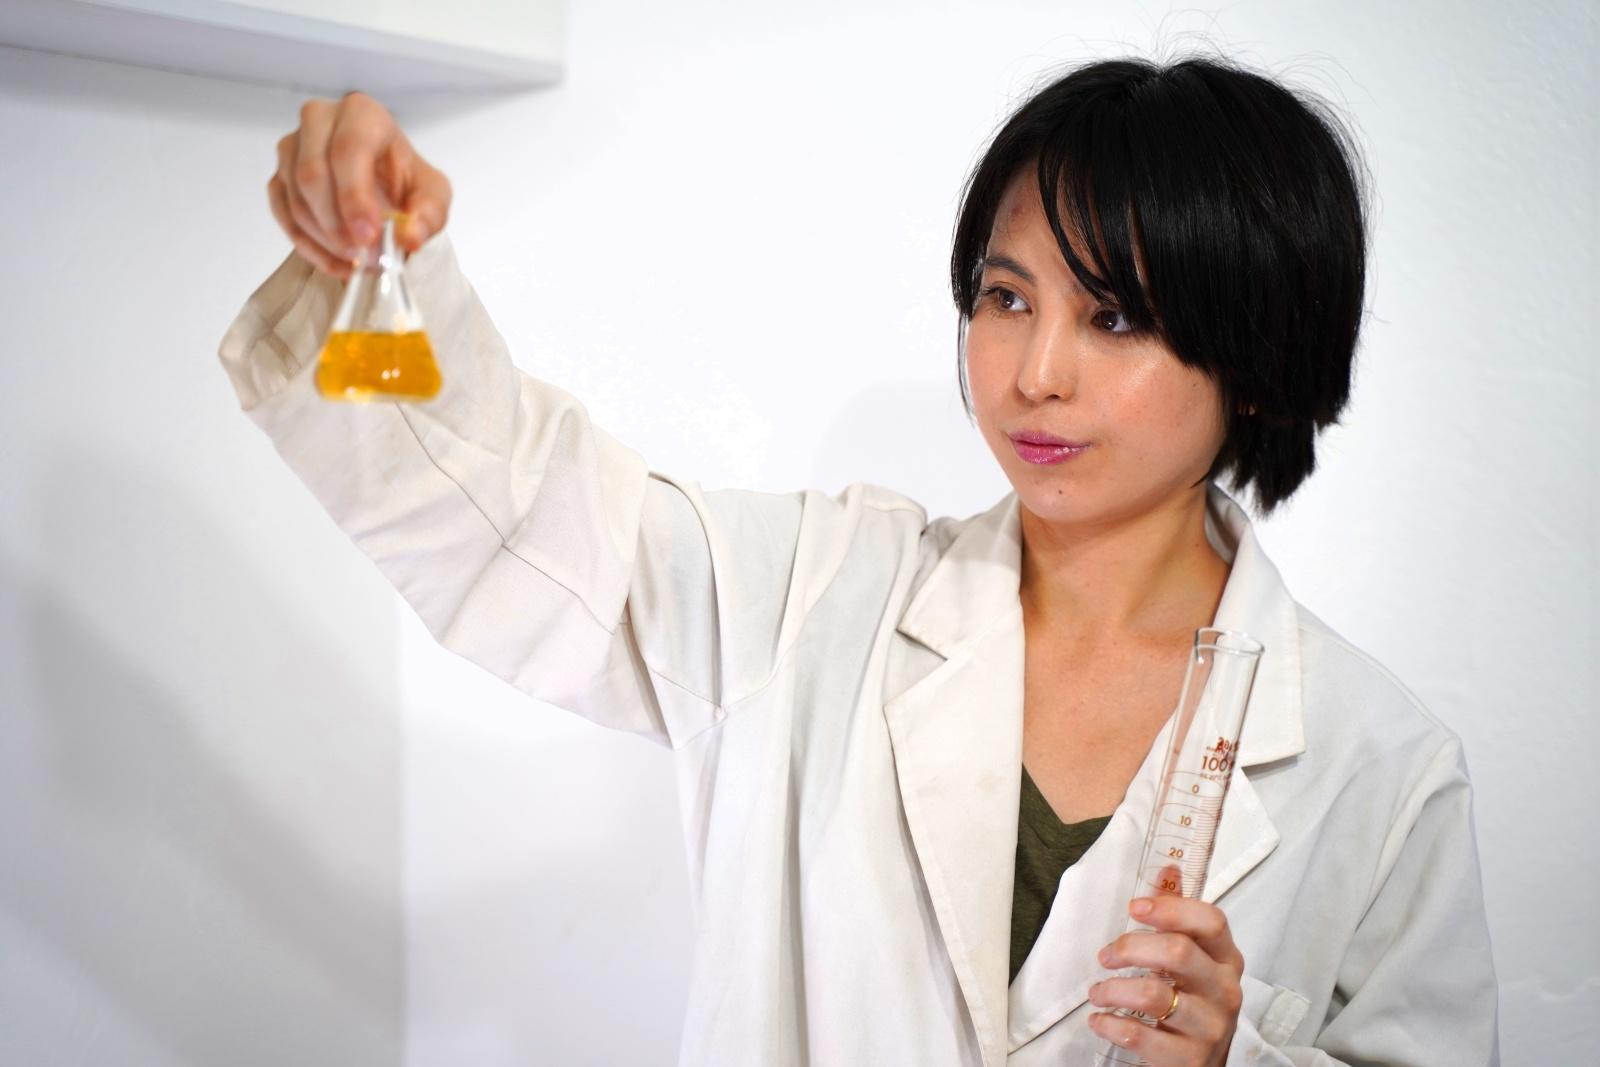 柴田さんがお菓子作りをしている様子